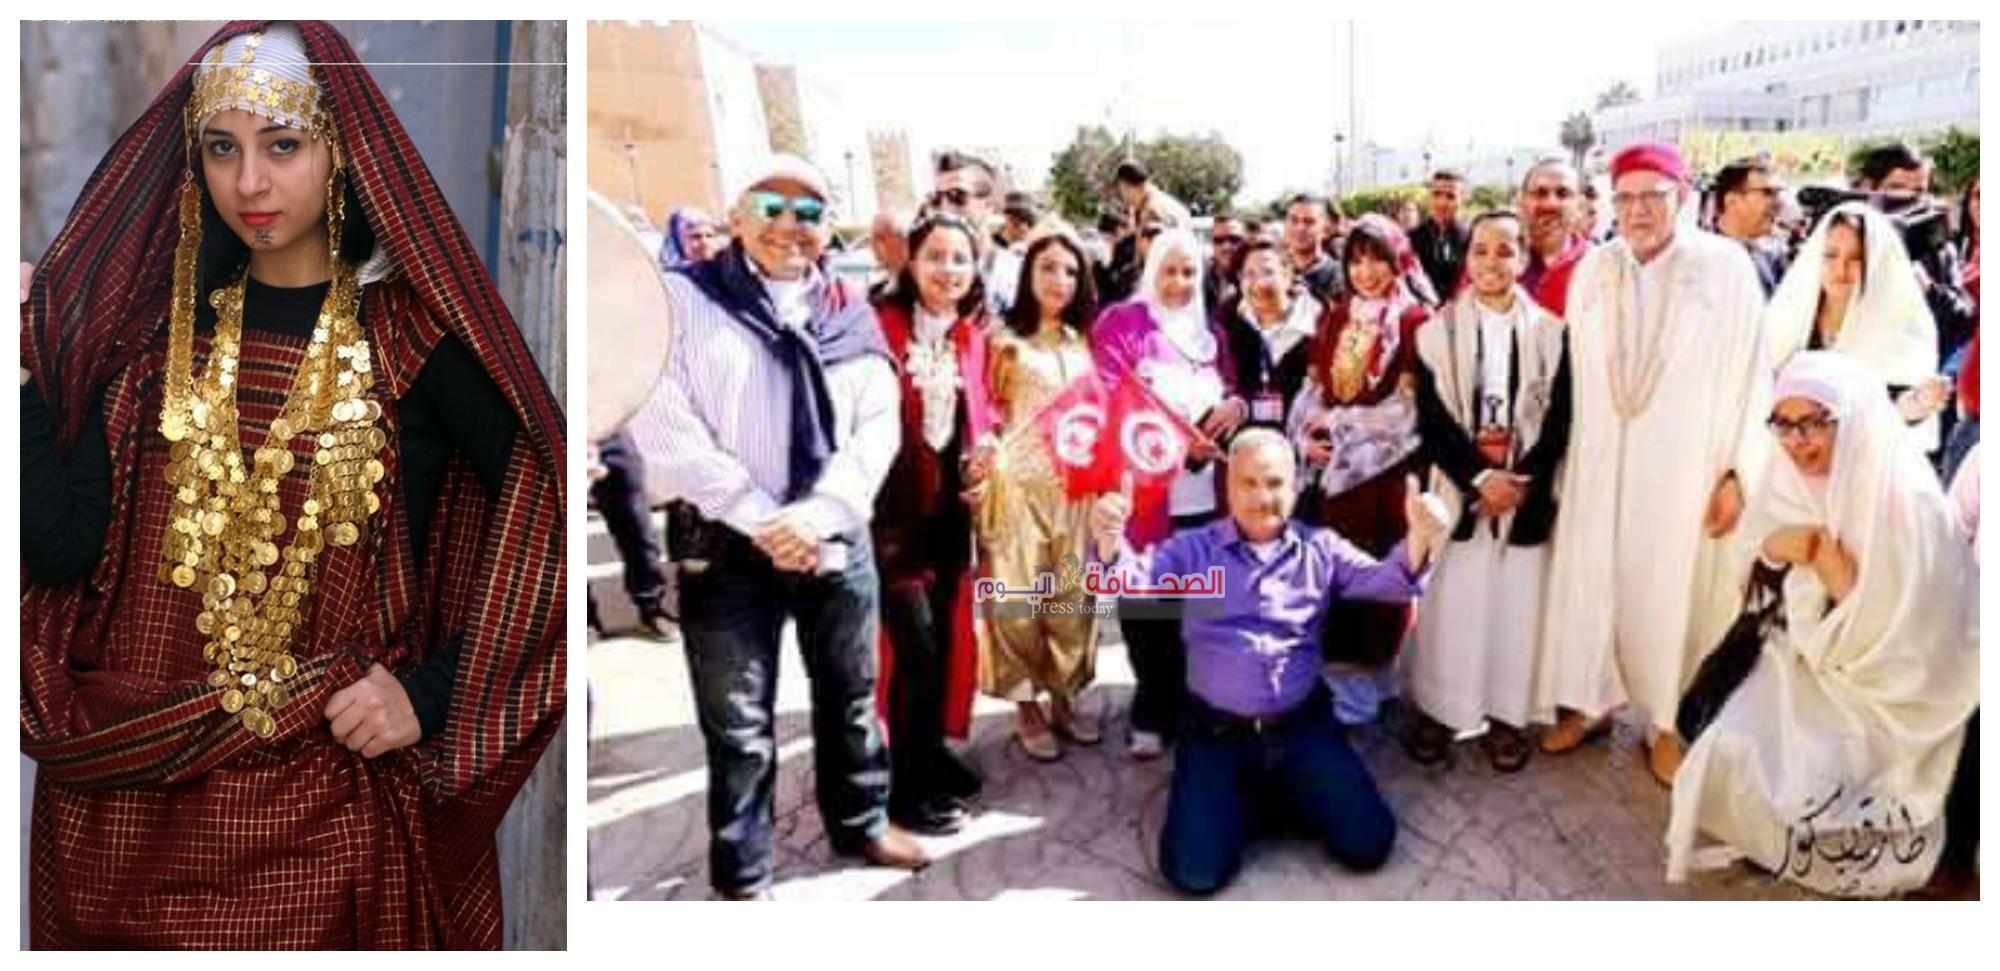 بالصور : كرنفال الزى التقليدى  التونسي يطوف المدينه العتيقه